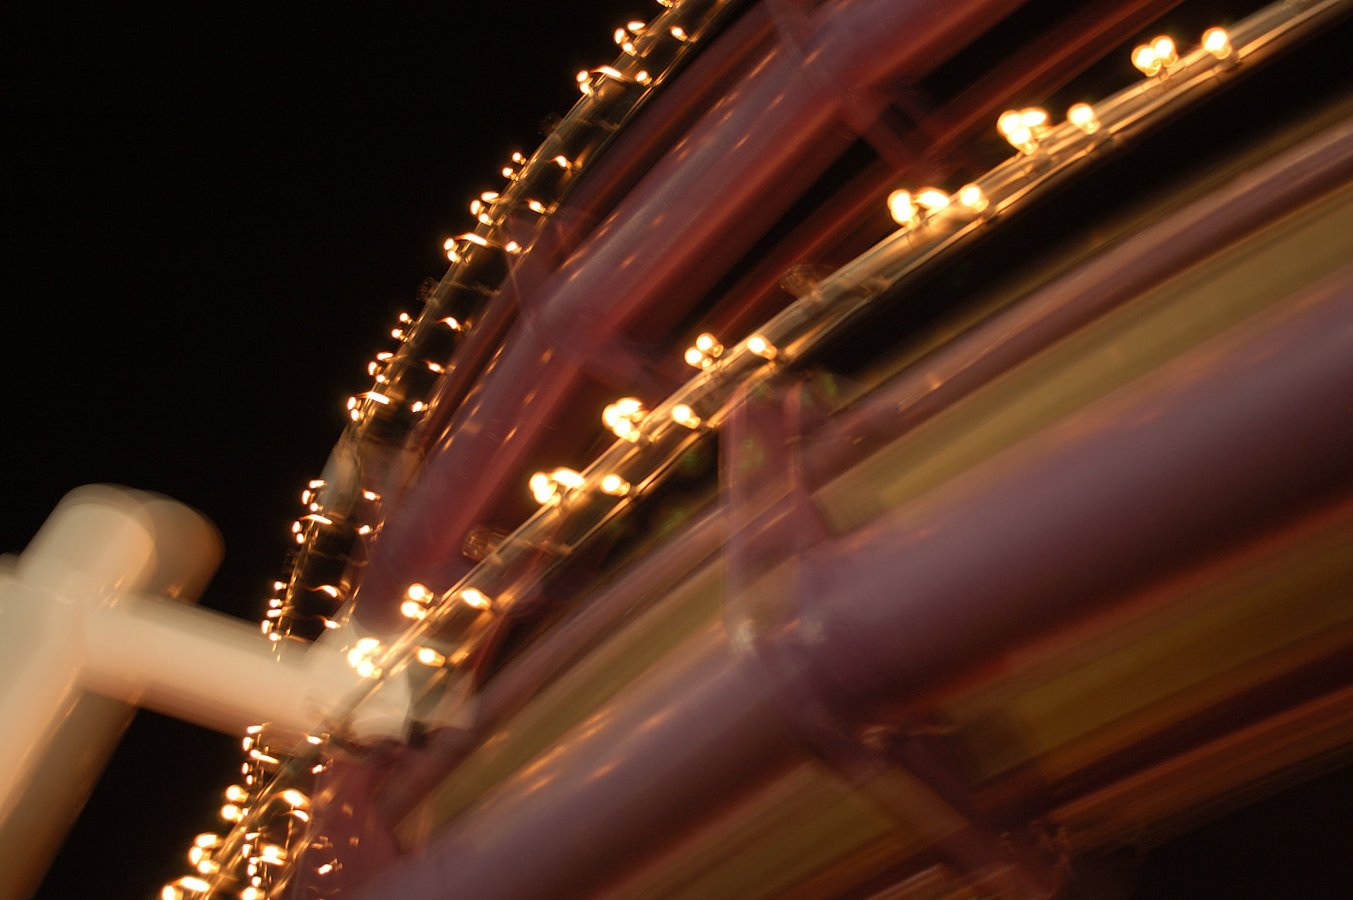 Roller Coaster, Santa Monica